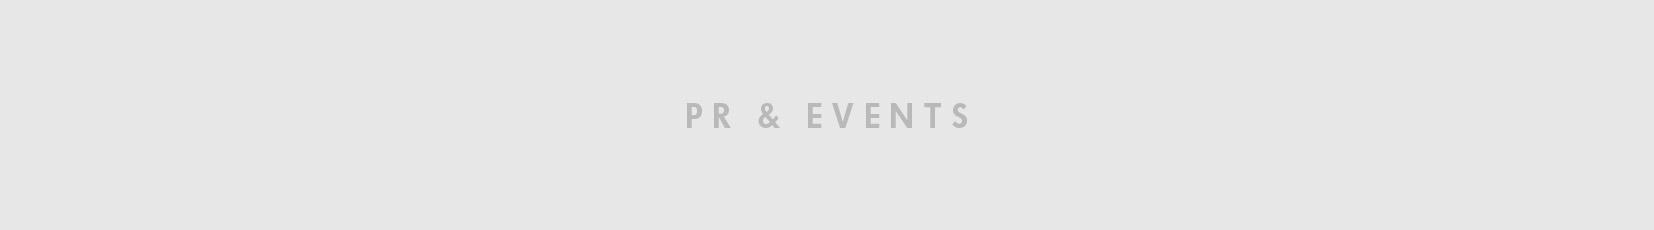 property luxury event